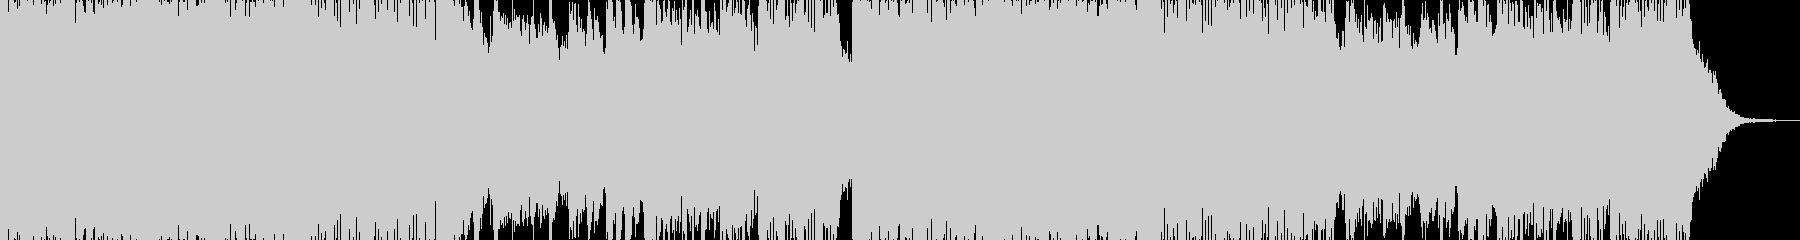 オーケストラ_クワイア_重厚の未再生の波形